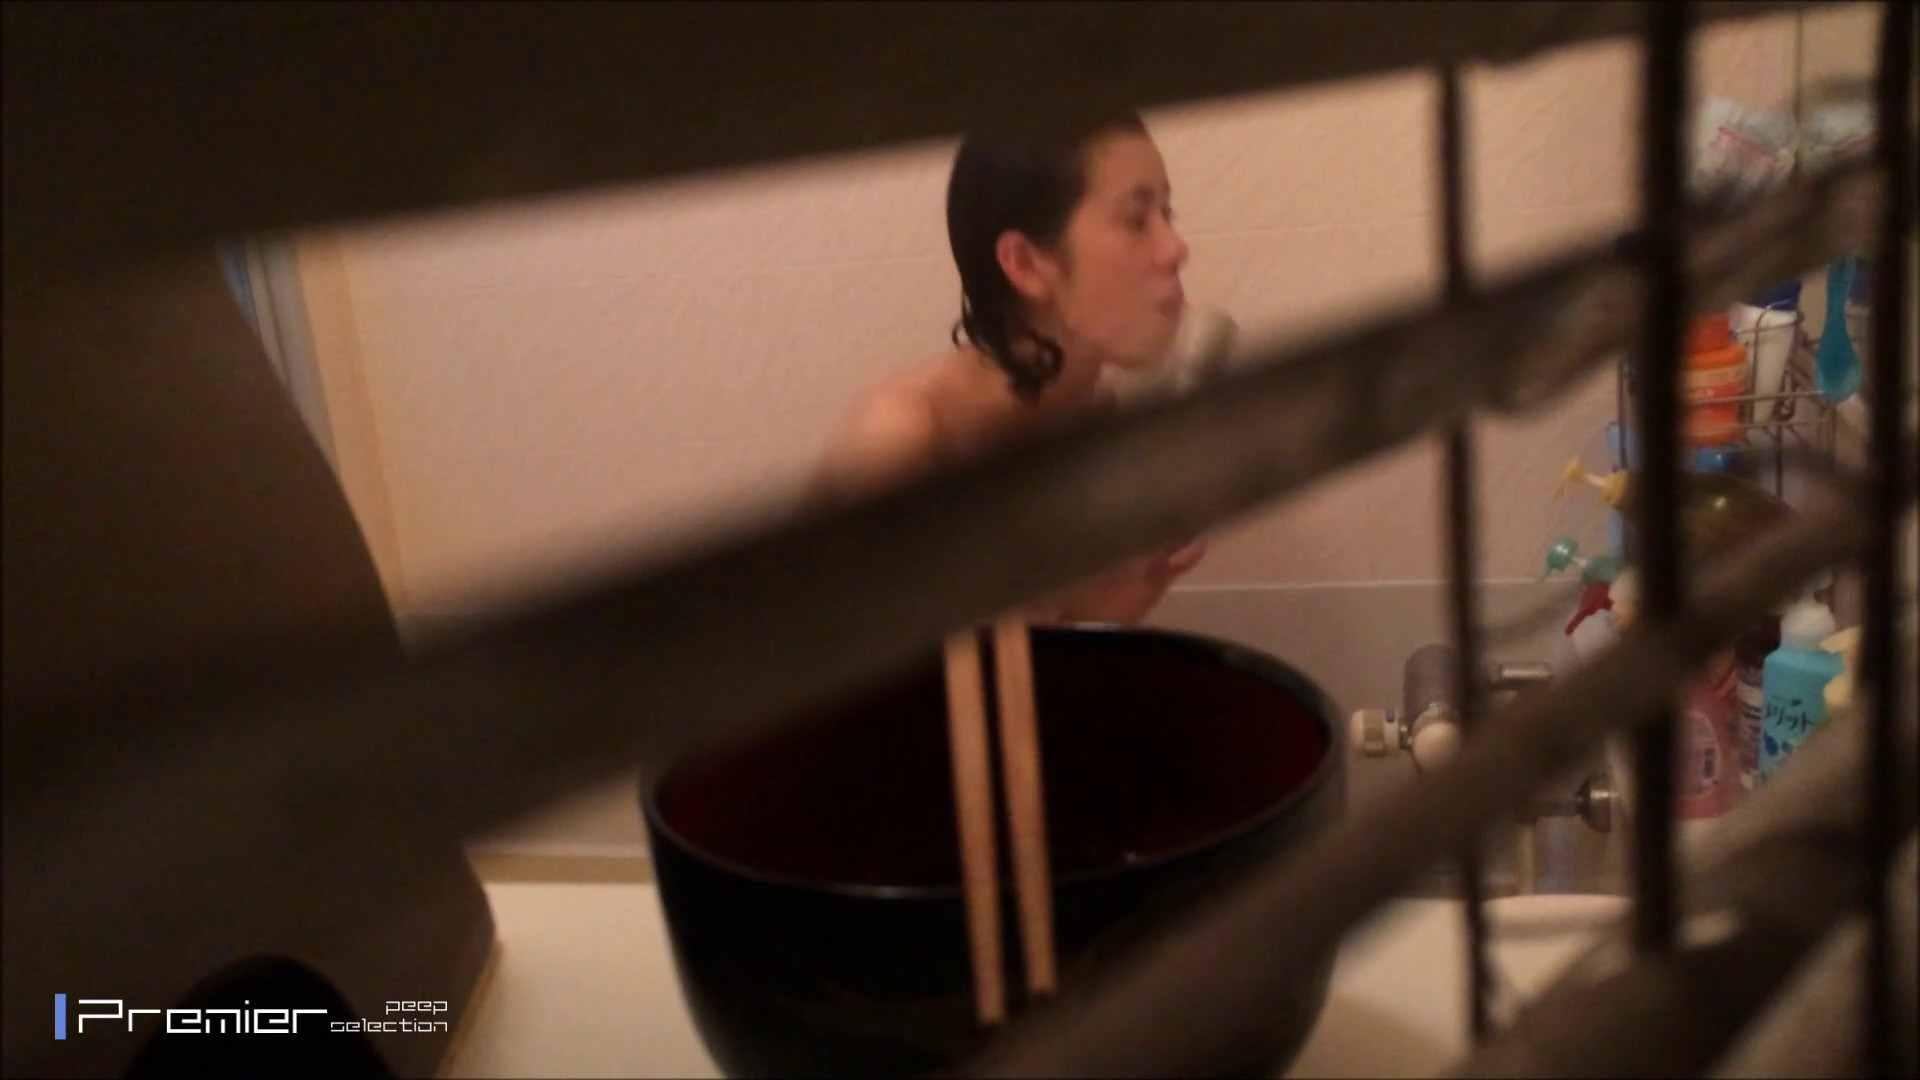 高画質フルハイビジョン スレンダー美女の入浴 乙女の風呂場 Vol.04 桃色乳首 | 美女H映像  84画像 66